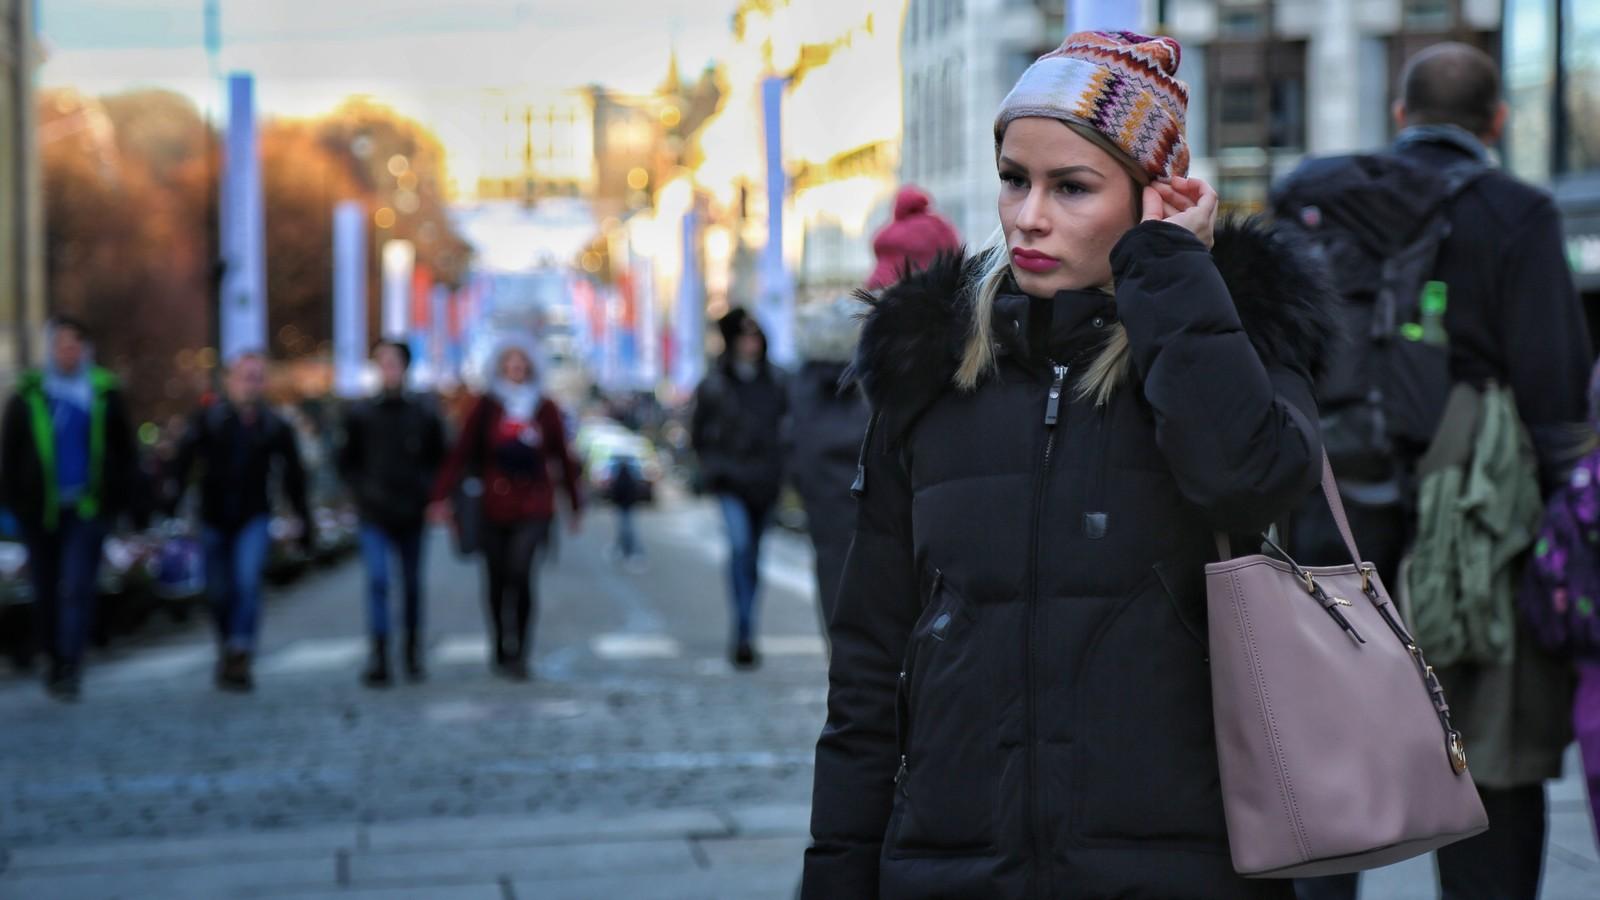 Ung kvinne på Karl Johans gate i Oslo hvor slottet skimtes i bakgrunnen. Hun har vinterklær på seg - topptue og jakke med pelskrage og ser litt ettertenksom ut.